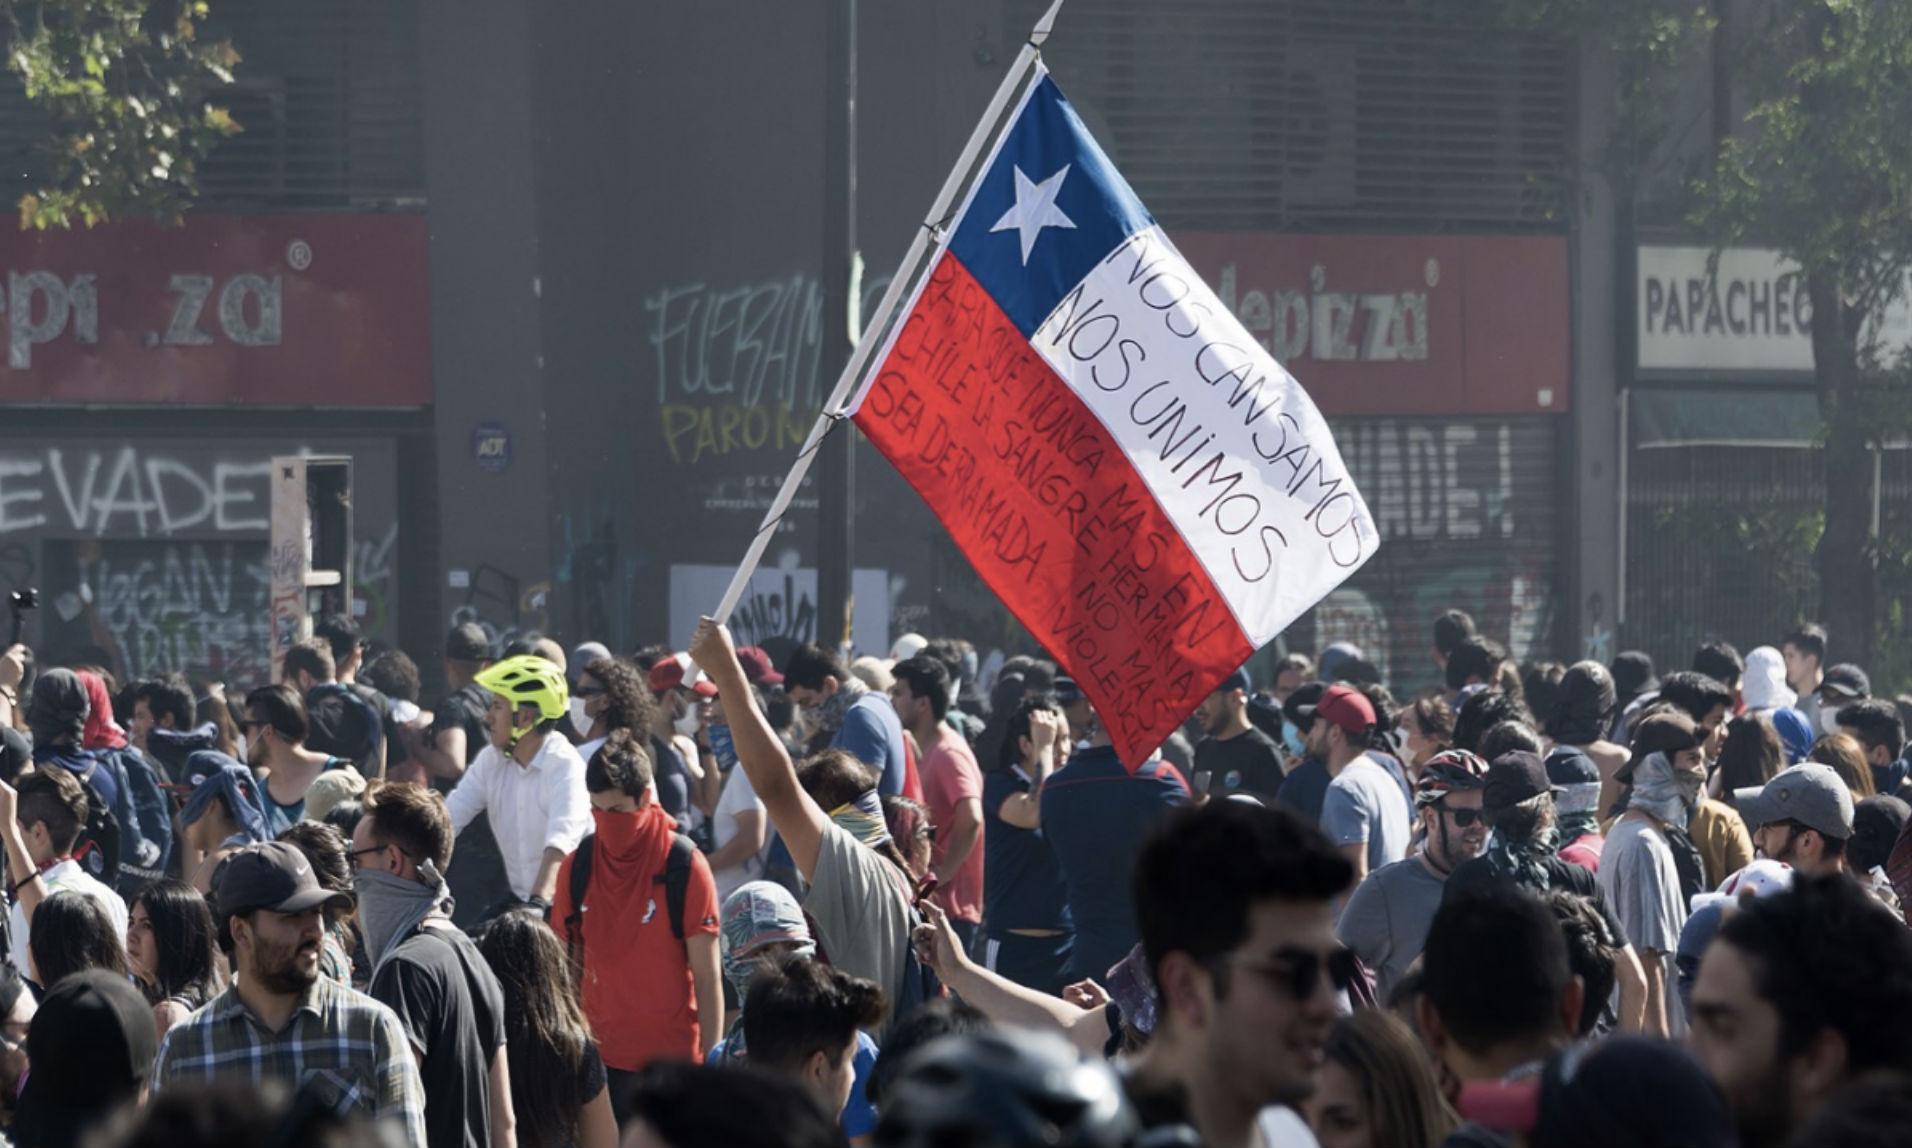 Os protestos no Chile começaram nos dias 17 e 18 de outubro. (Crédito: Carlos Figueroa)